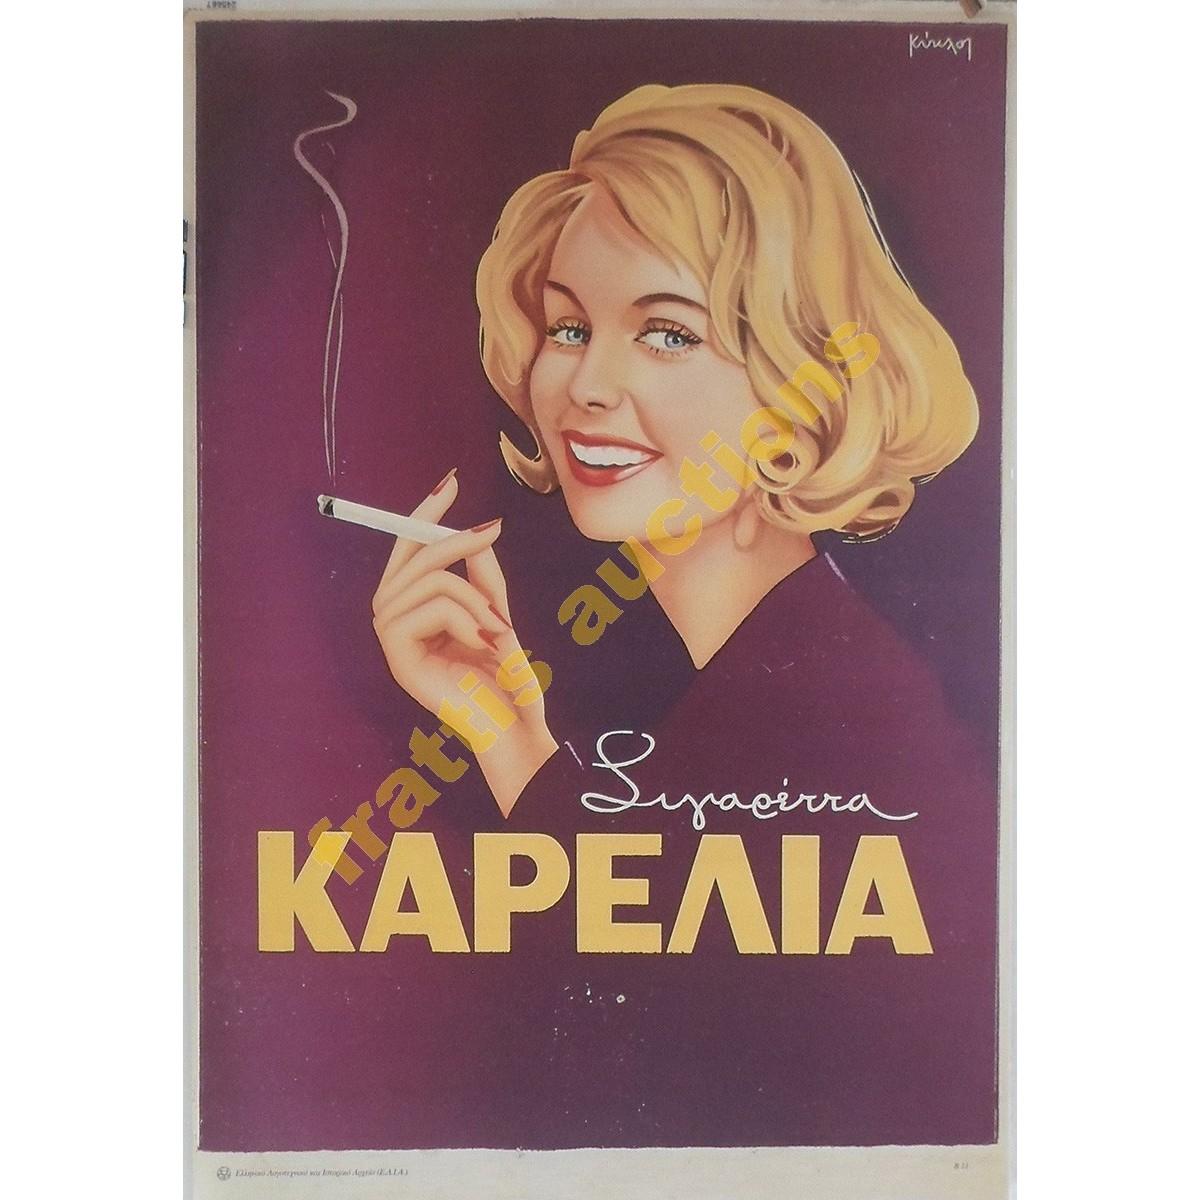 Καρέλια, διαφημιστικό poster.